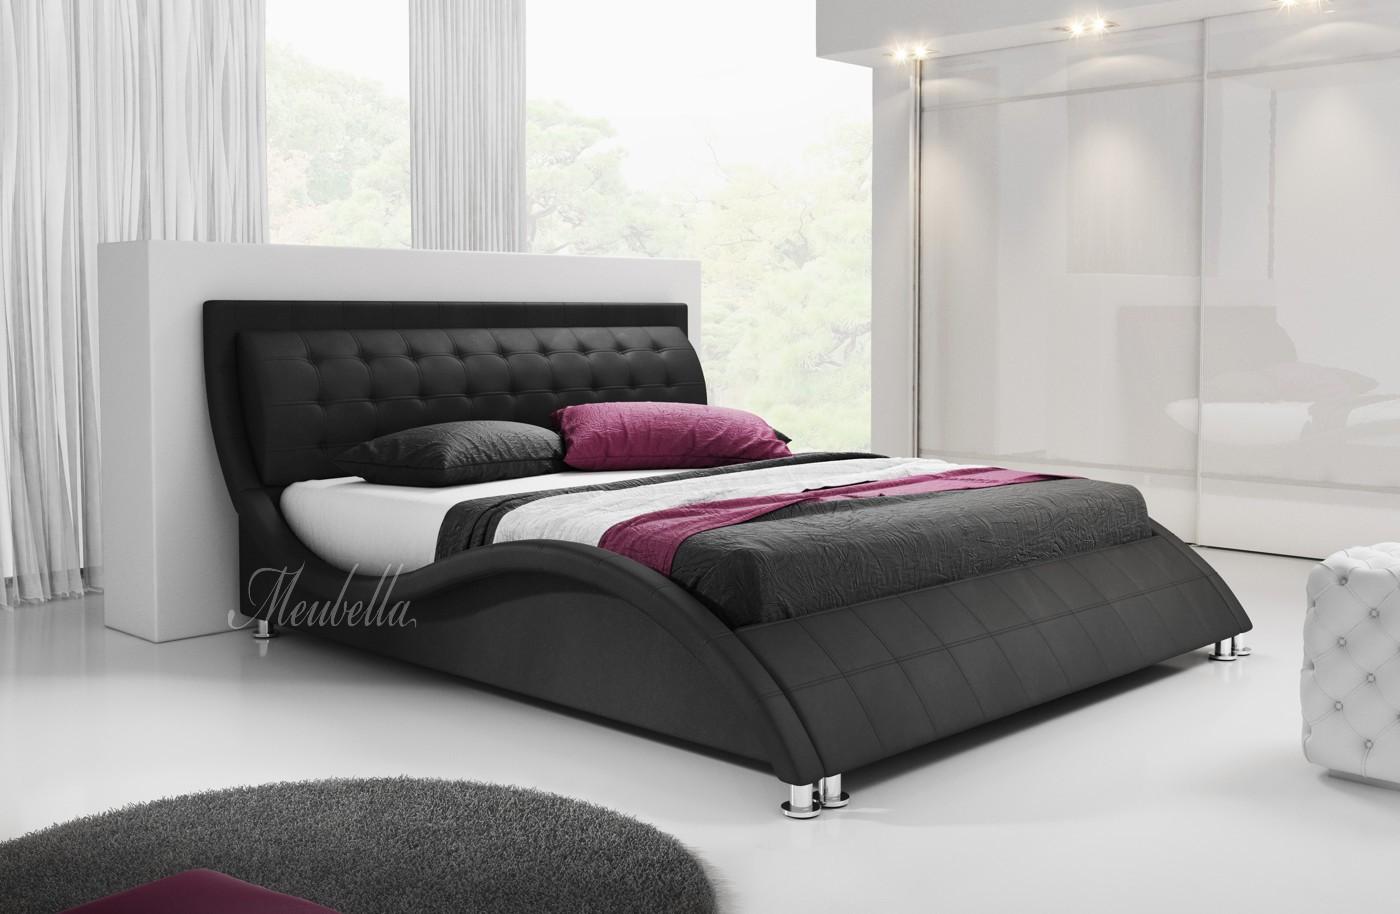 Zwart Bed 140x200.Tweepersoonsbed Sumoya Zwart 140x200 Cm Meubella